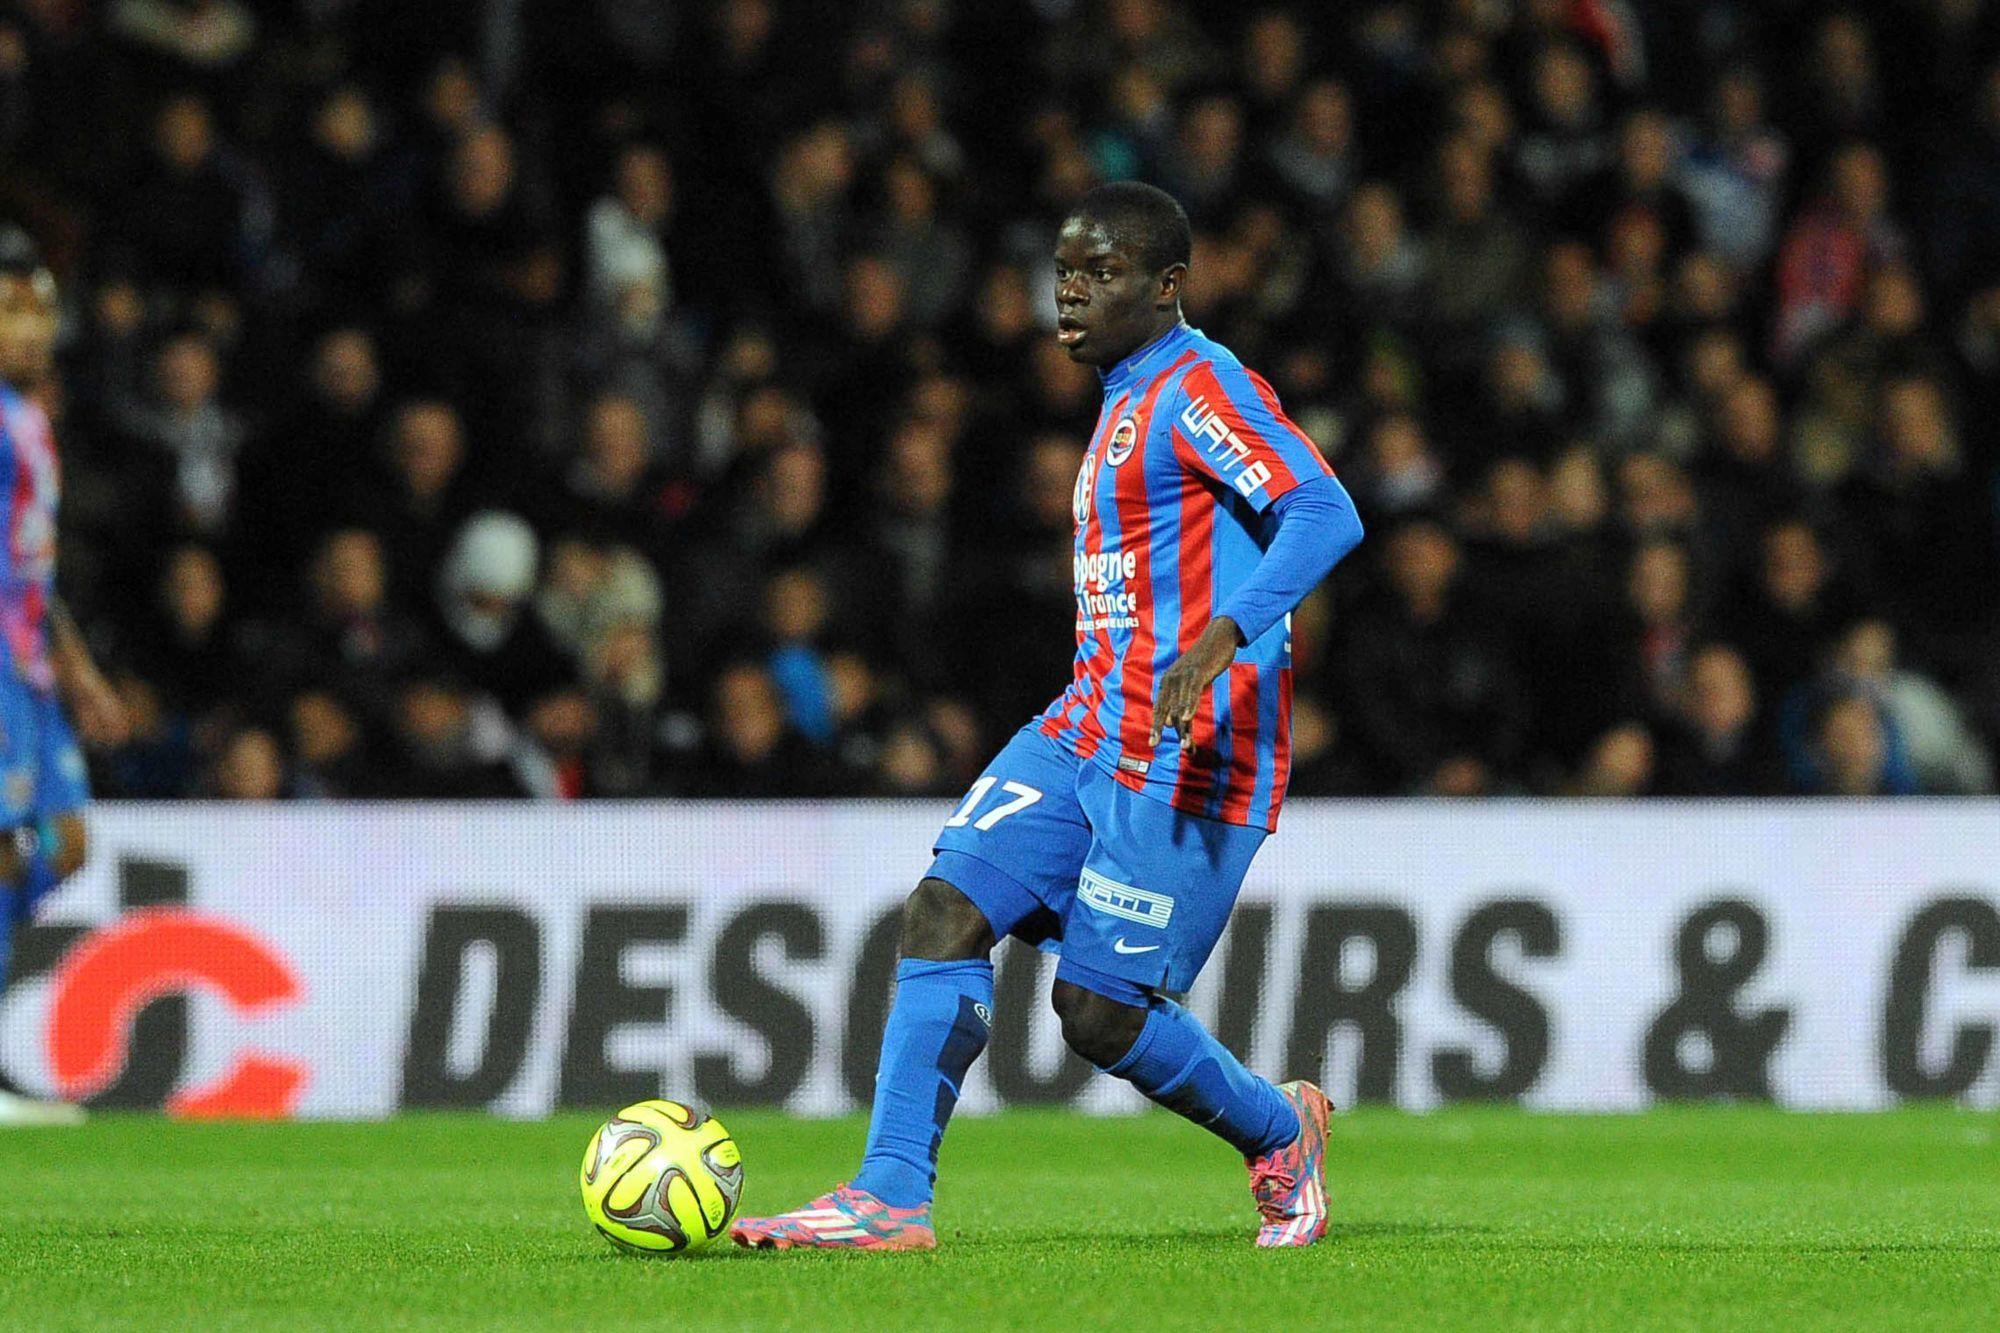 L'incroyable parcours de Ngolo Kanté depuis son arrivée au SM Caen